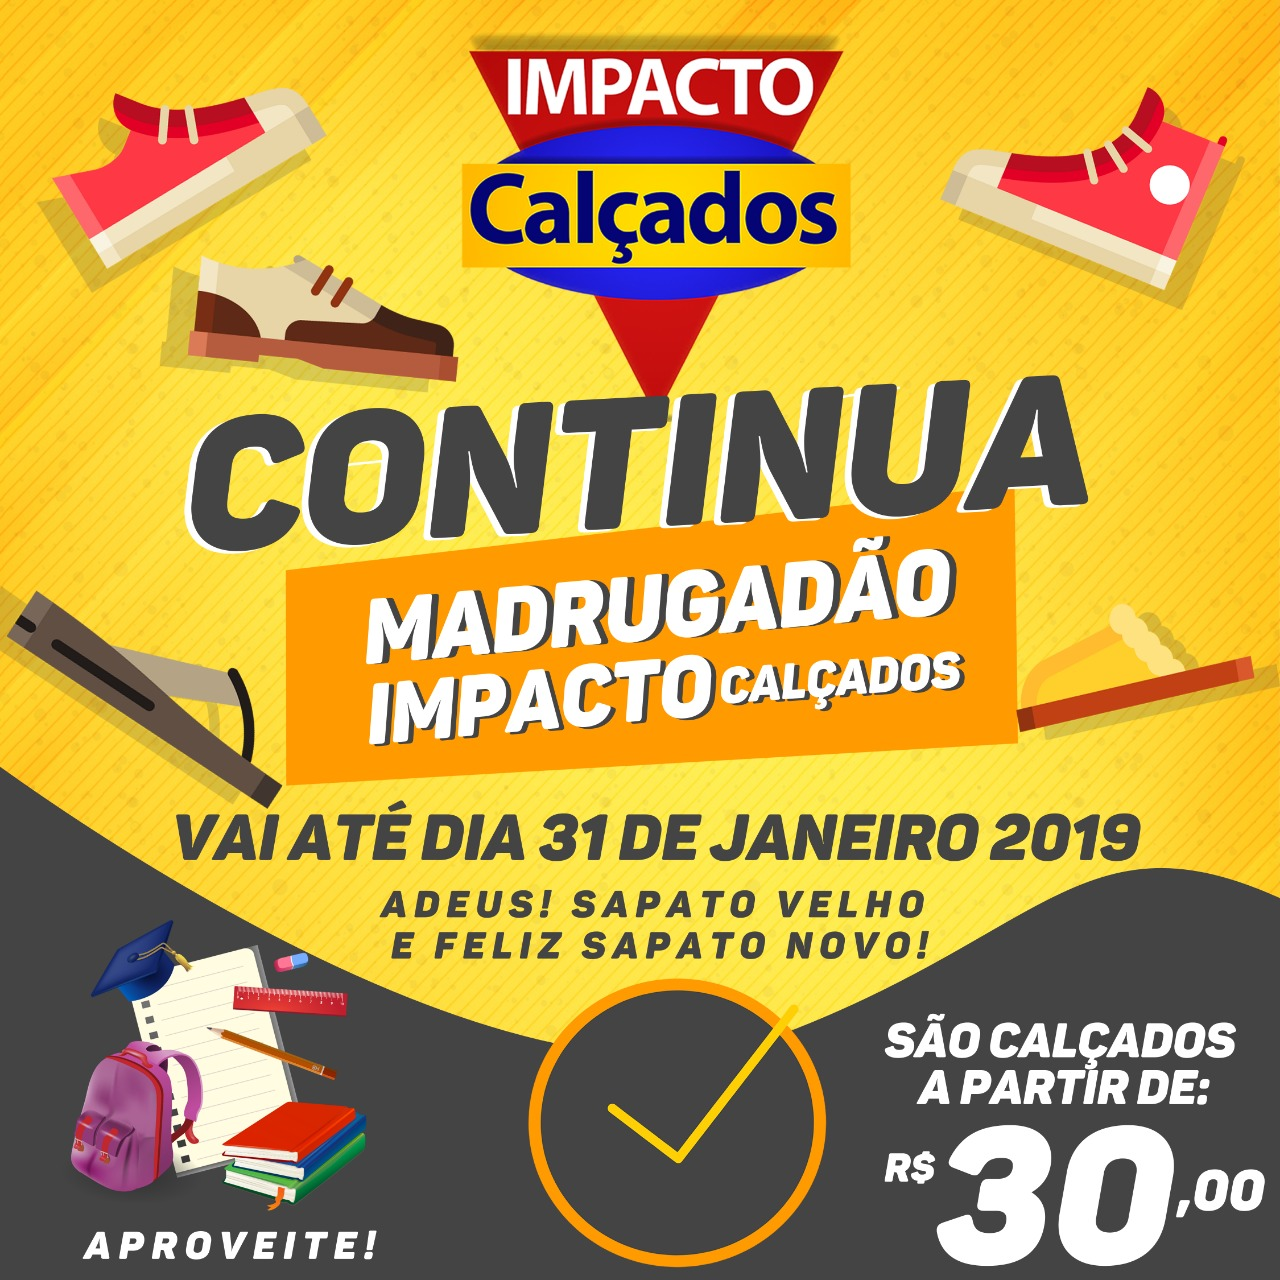 55faa31bc Contínua até o dia 31 a promoção Madrugadão da Impacto Calçados ...